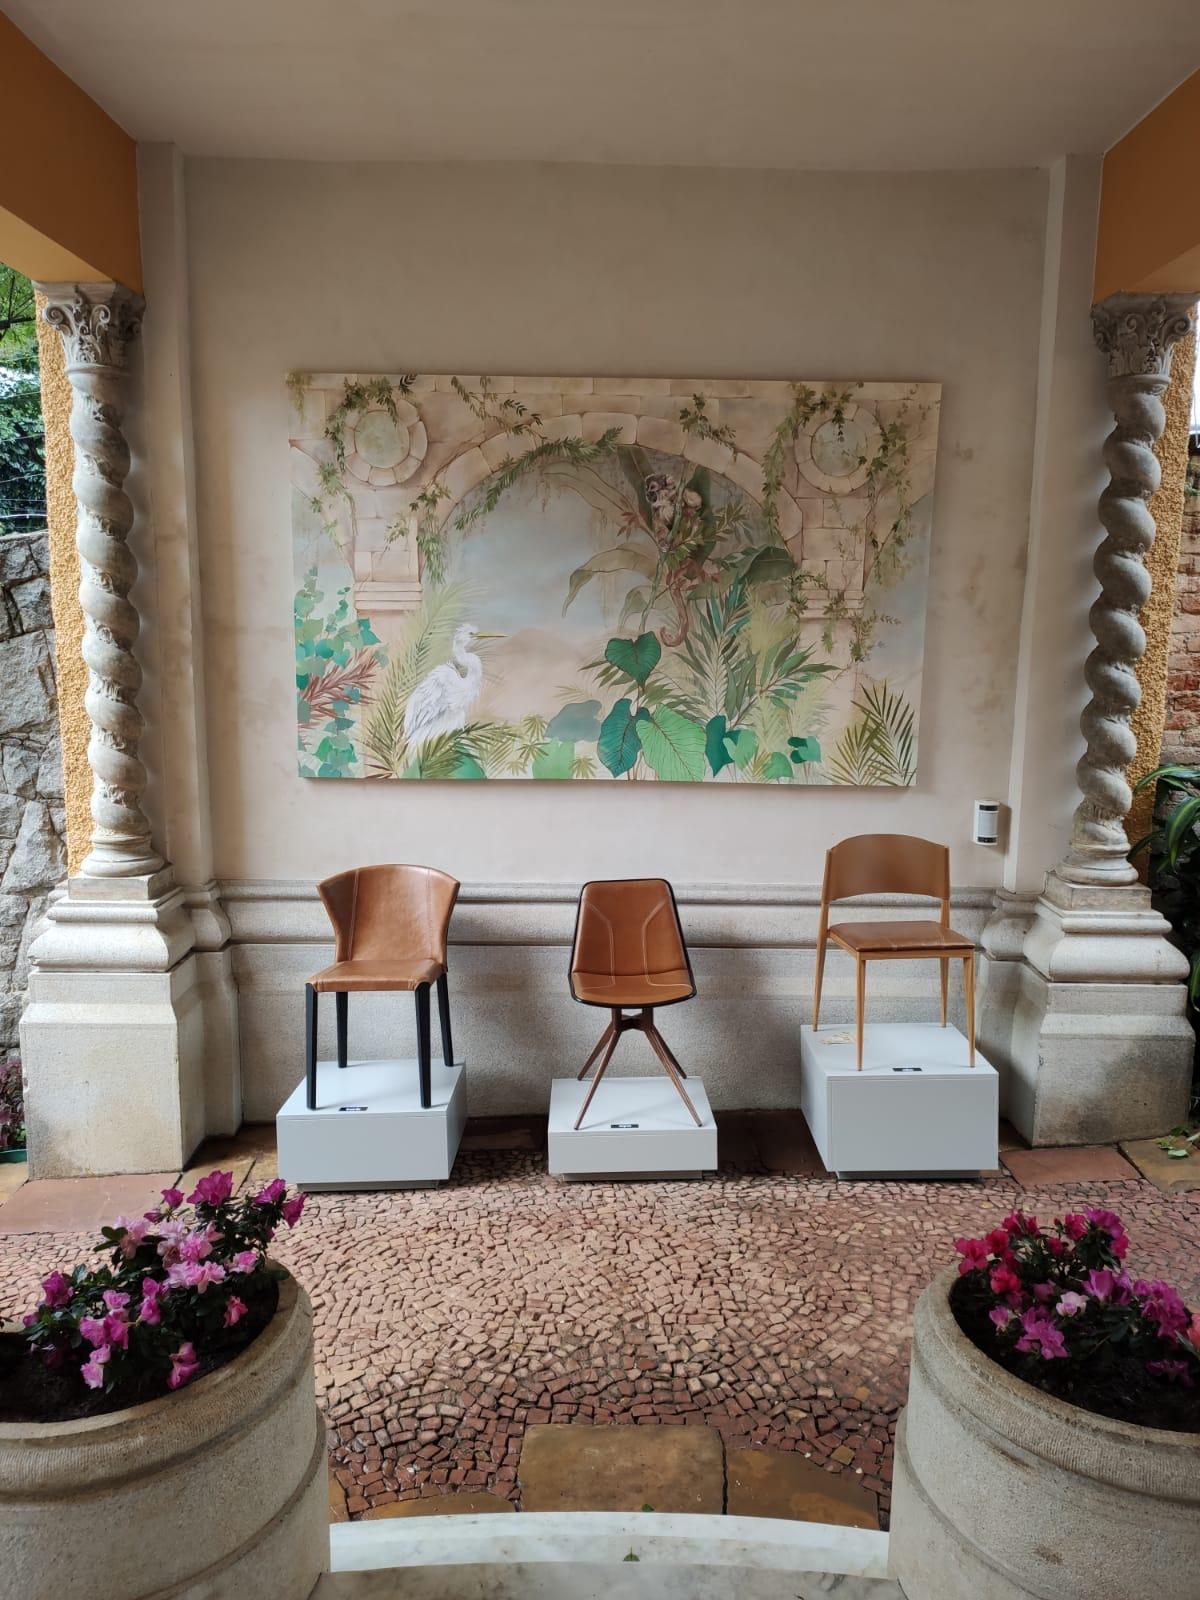 Peças contemporâneas em contraste com a arquitetura clássica do casarão de 1930.